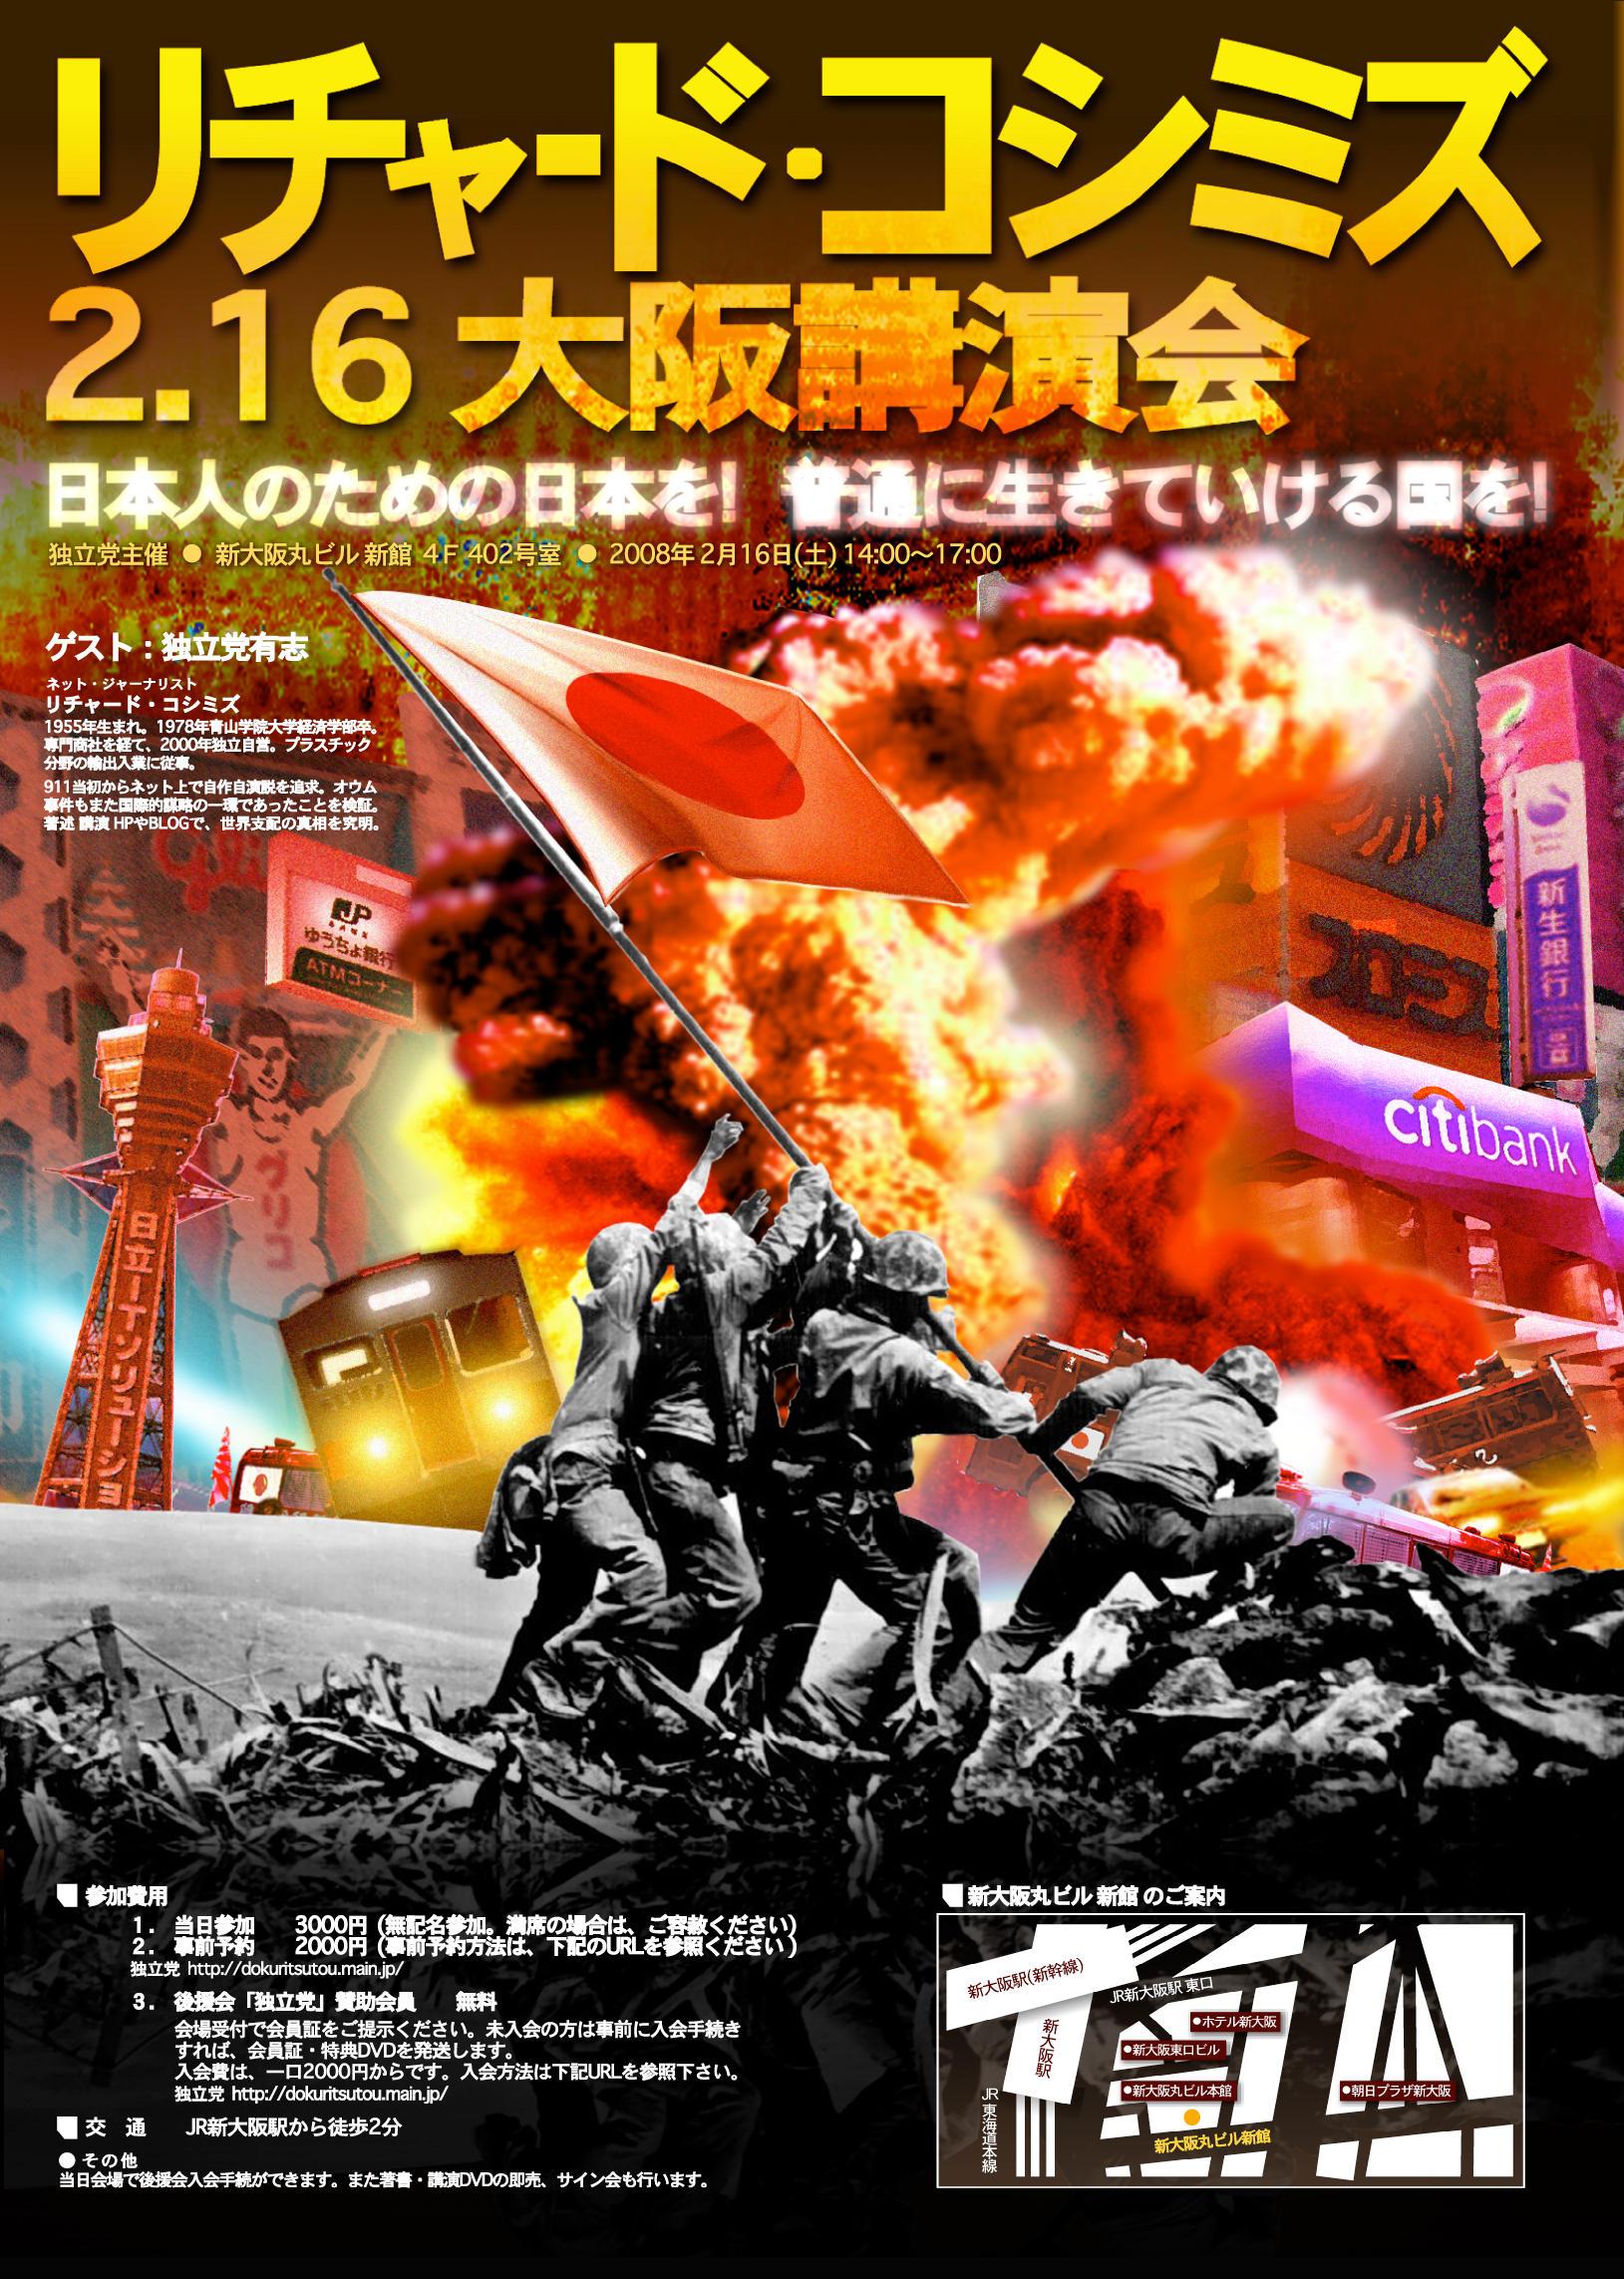 半島カルトを介したユダ金の日本間接支配をぶち壊すために。。。。2.16大阪講演で提言します!